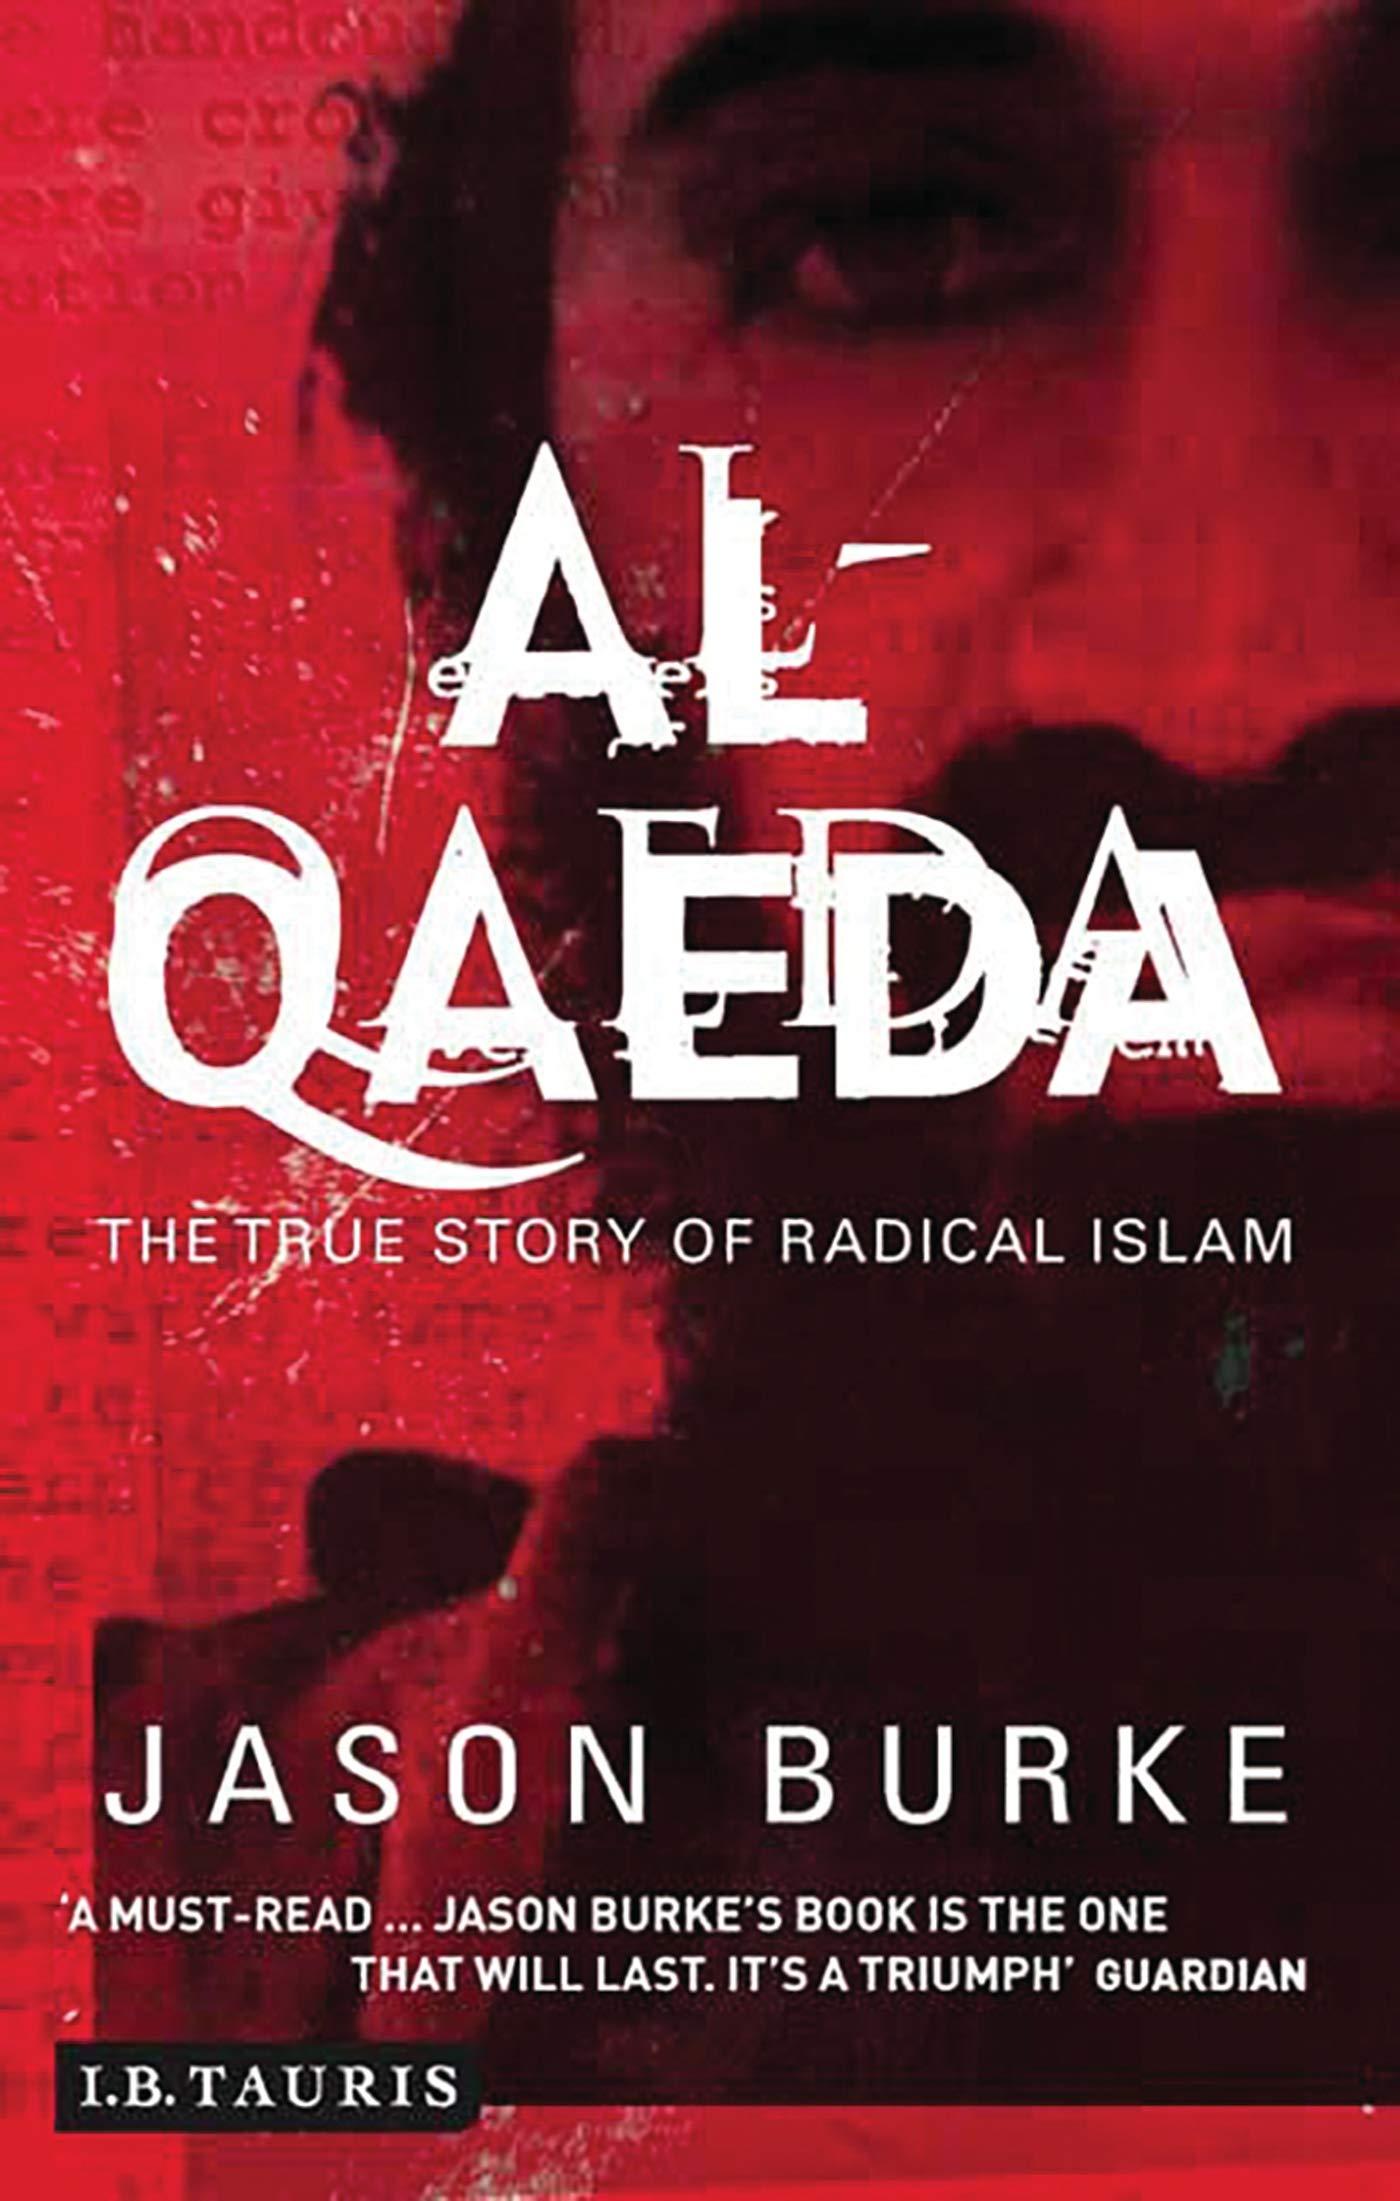 About Al-Qaeda